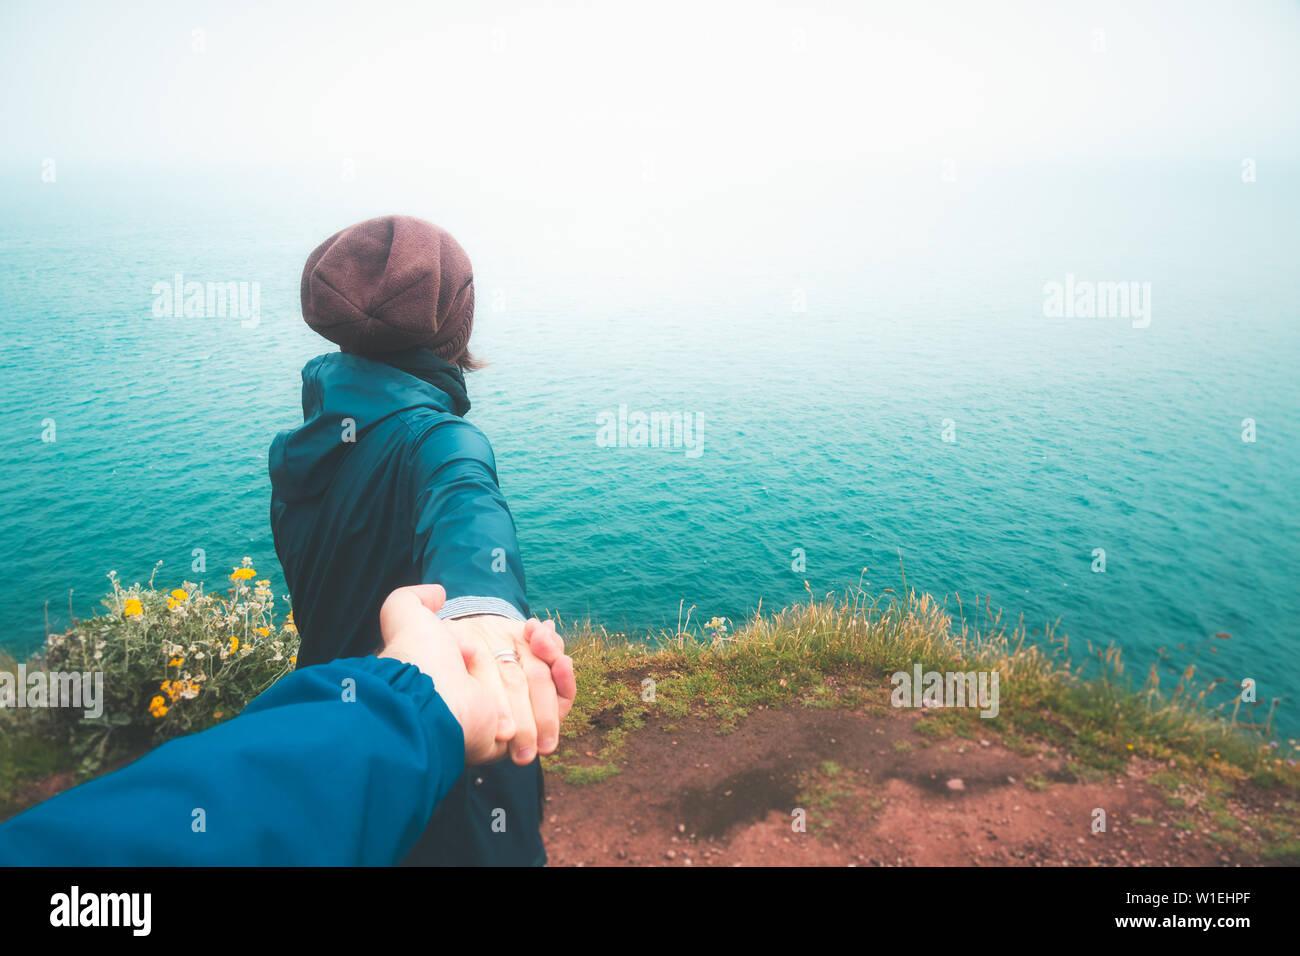 Folgen Sie mir. Mädchen, die von ihrem Freund zu Fuß der Klippe mit Blick auf das Meer auf einem Moody und regnerischen Tag. Outdoor Travel Concept Stockfoto